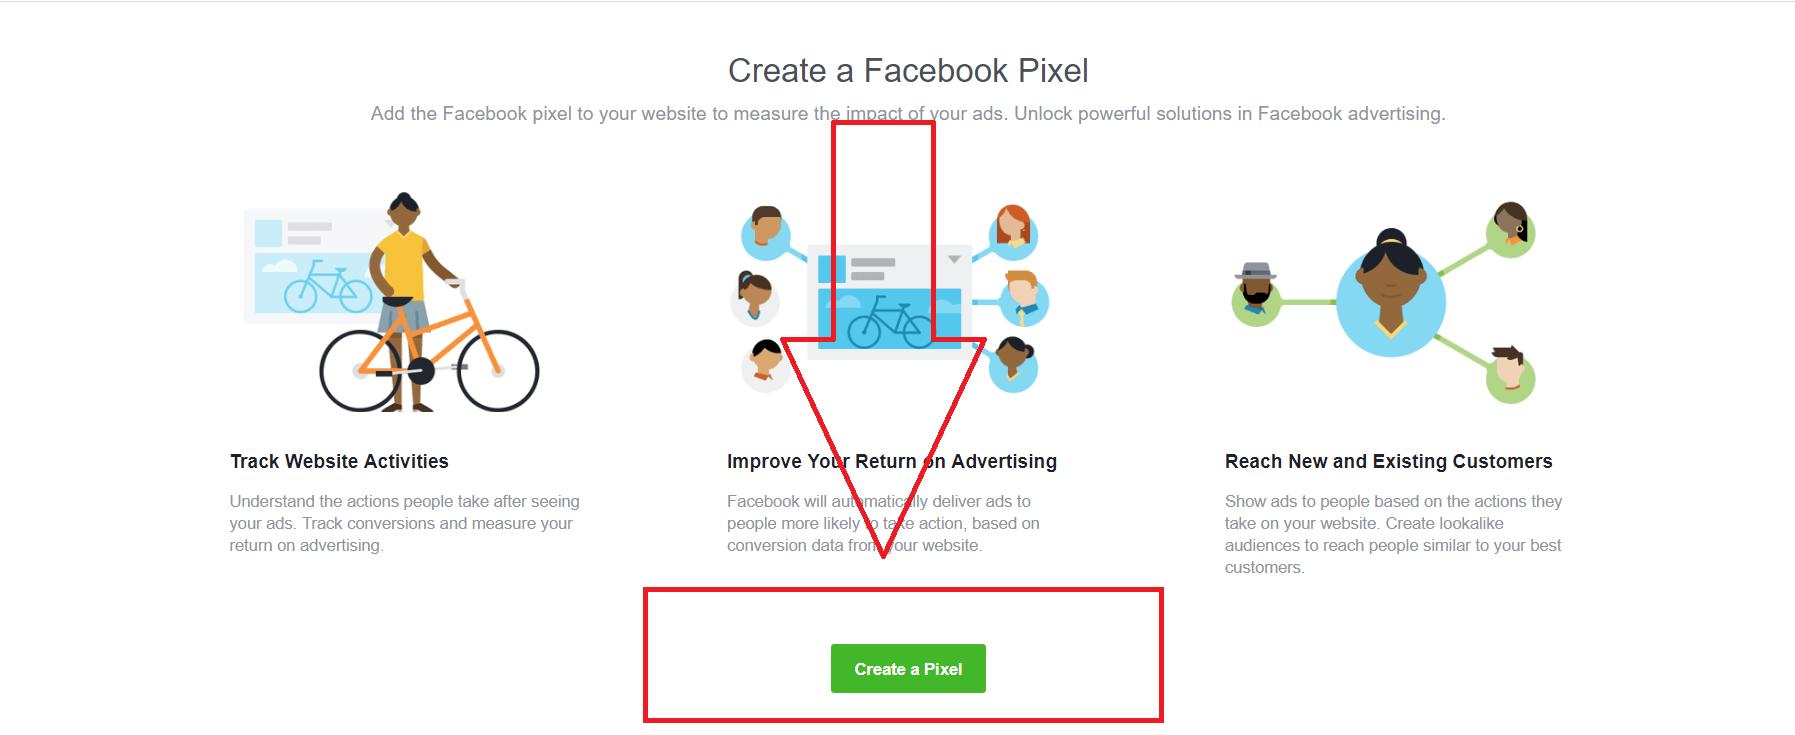 יצירת פיקסל של פייסבוק - יוריס דיגיטל